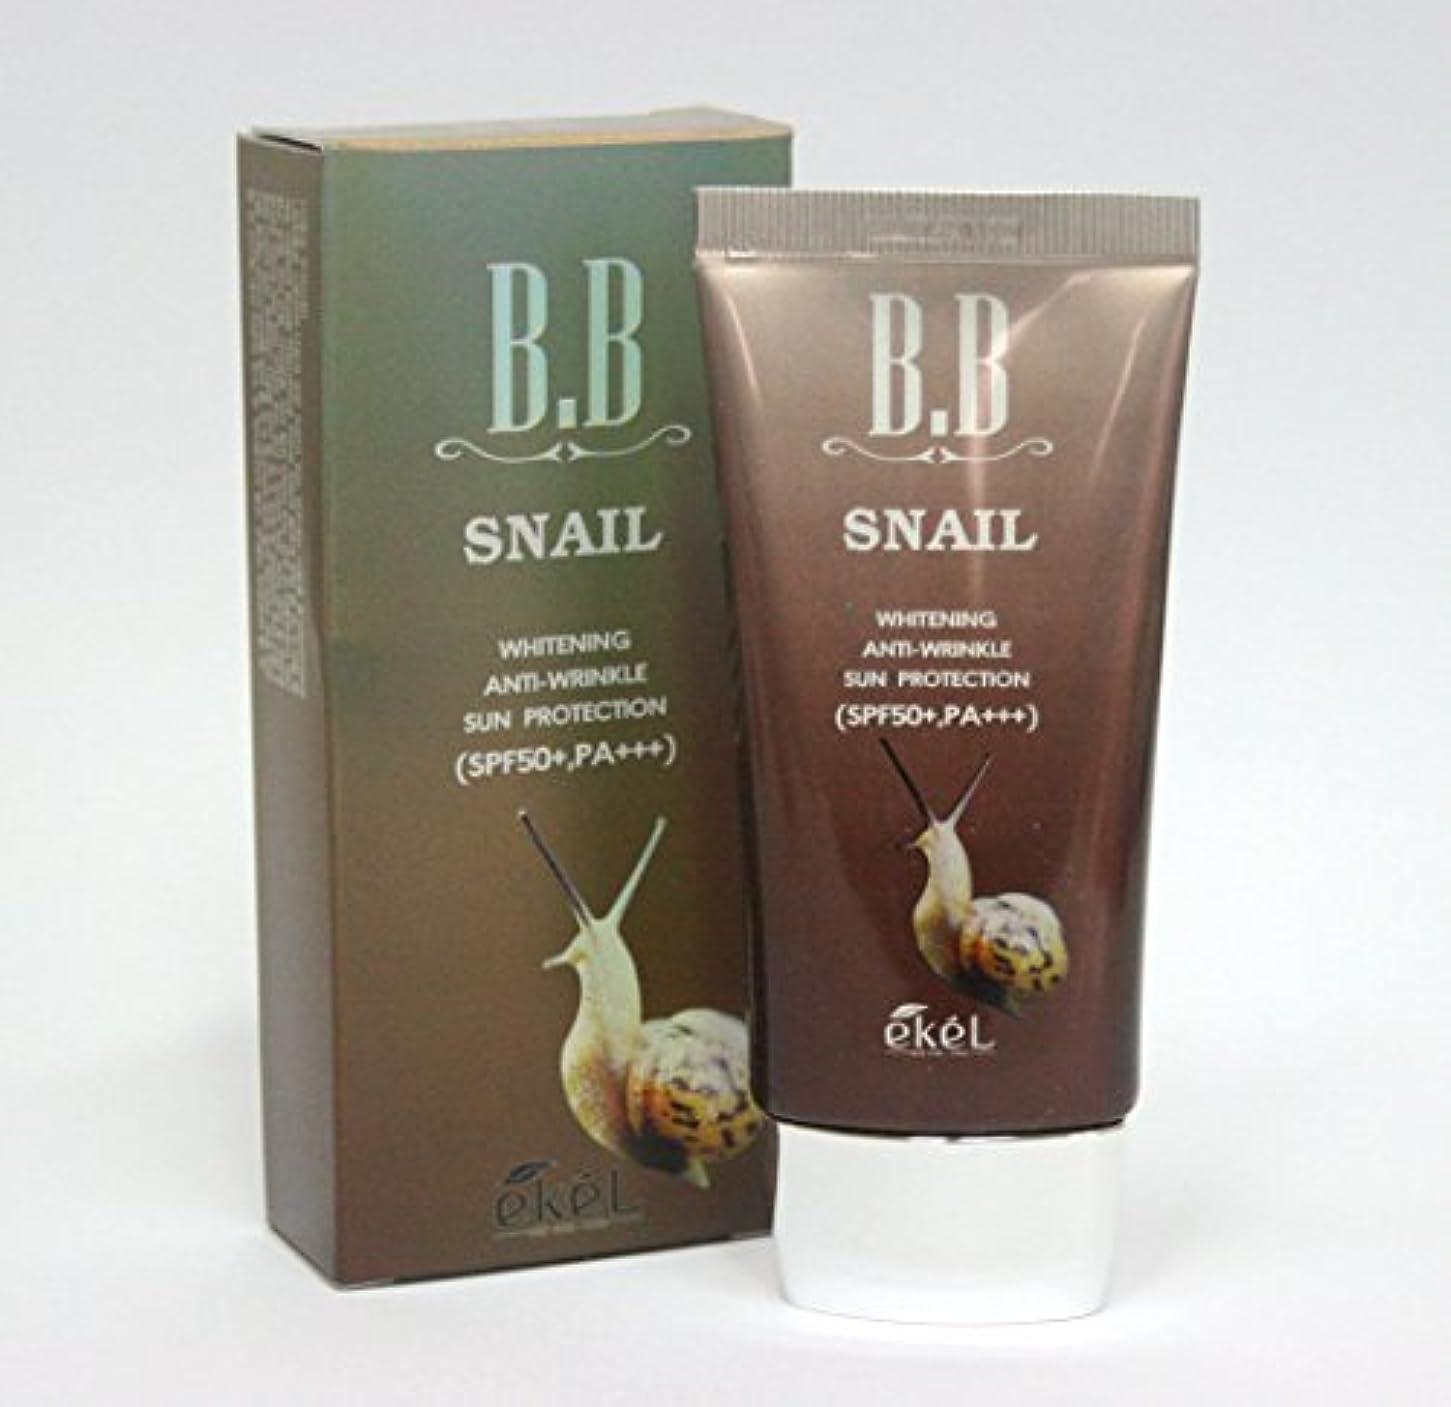 スナック勝者経営者[Ekel] カタツムリBBクリーム50ml / ホワイトニング , SPF50 + PA +++ / 韓国化粧品 / Snail BB Cream 50ml / Whitening, SPF50+ PA+++ / Korea Cosmetics [並行輸入品]